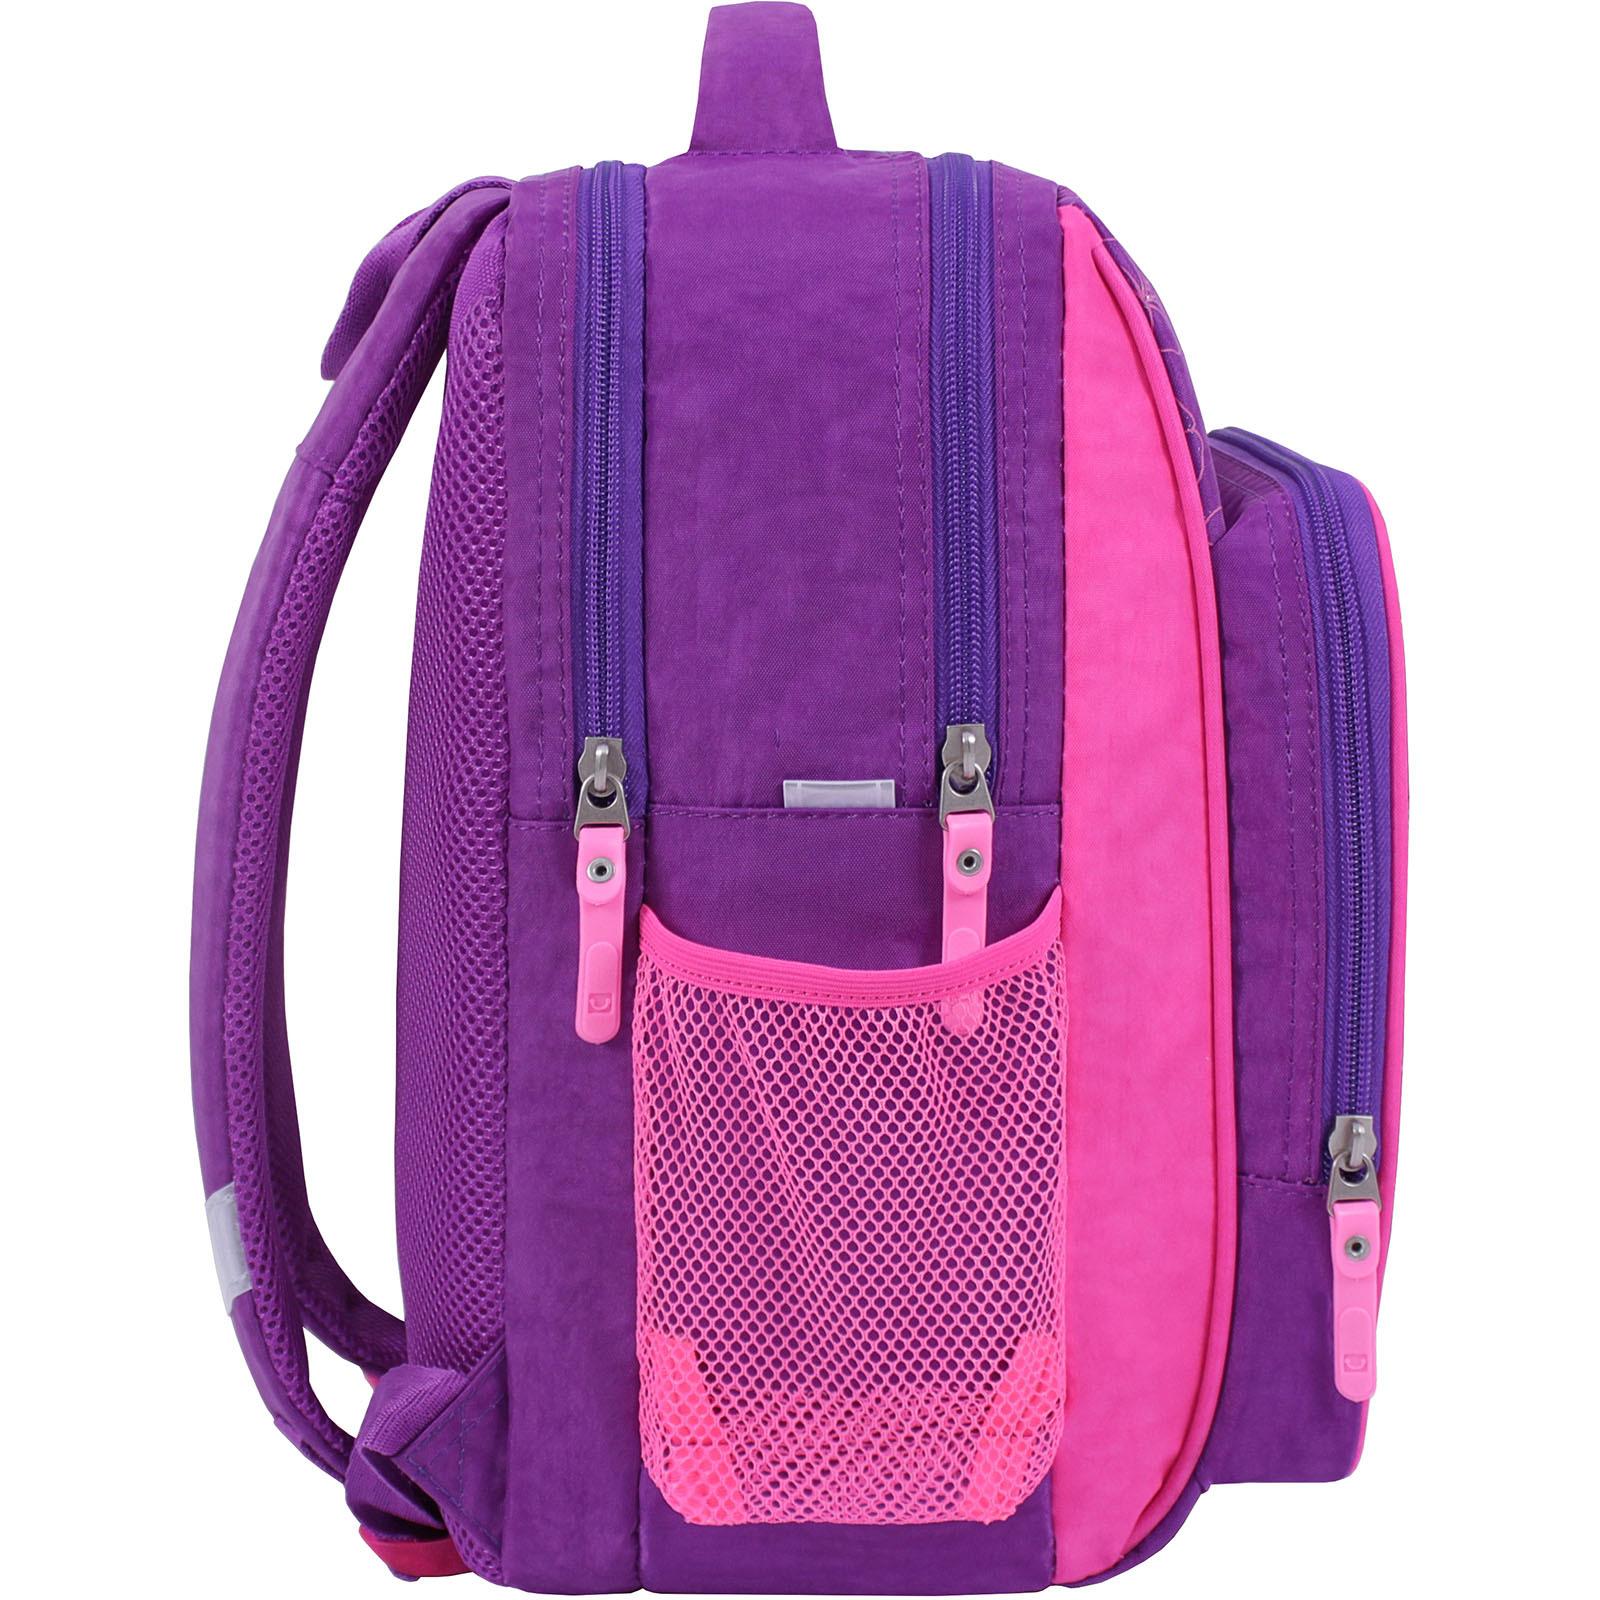 Рюкзак школьный Bagland Школьник 8 л. фиолетовый 503 (0012870) фото 2